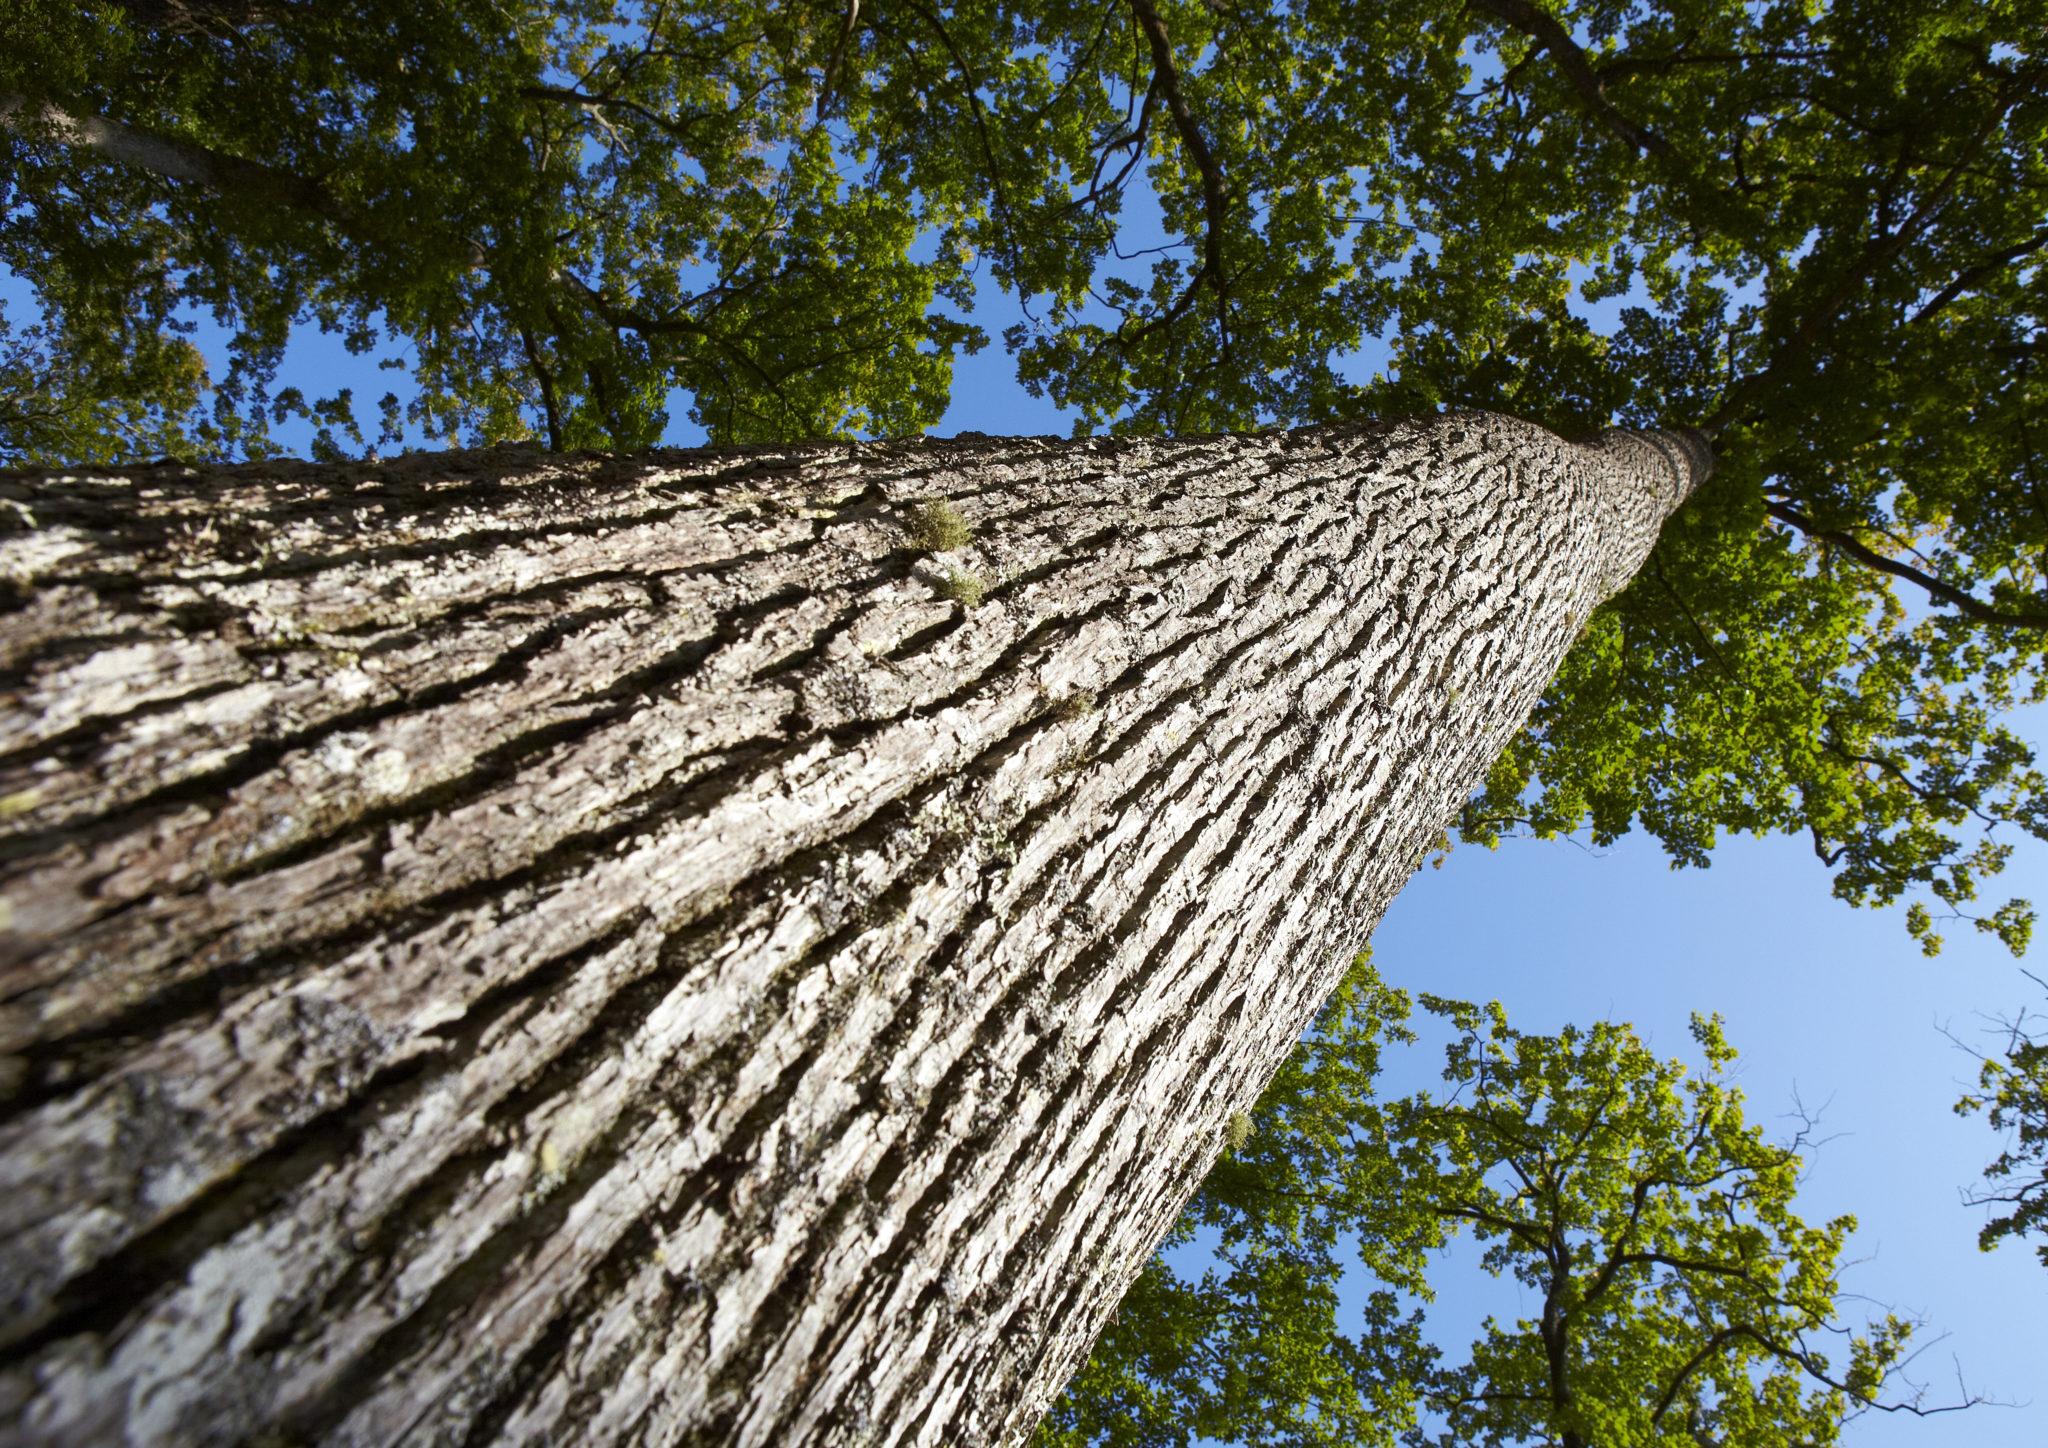 Arbre forêt Bio Création Bois